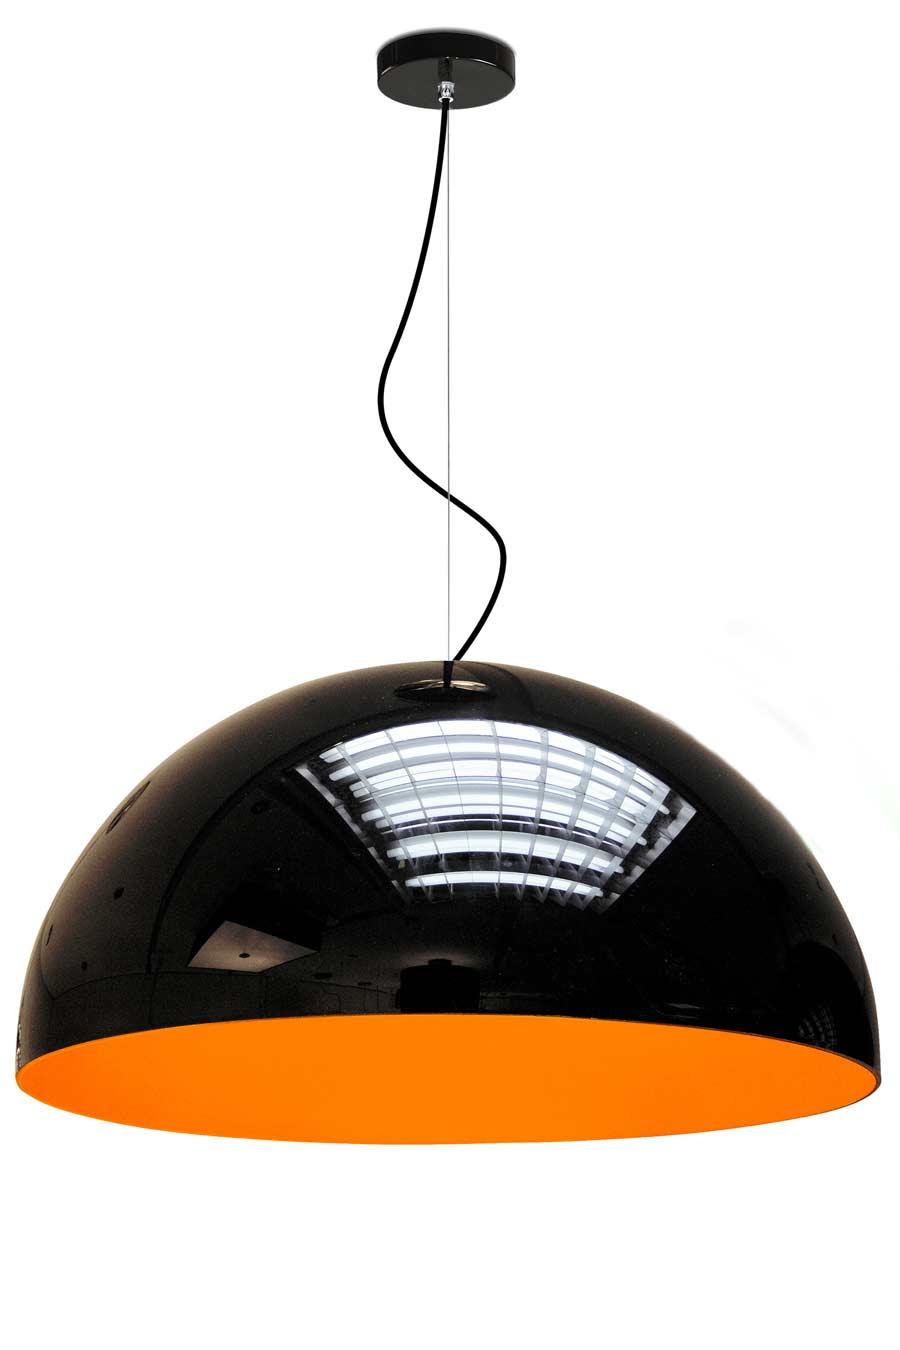 Glow suspension GM intérieur orange. Paulo Coelho.